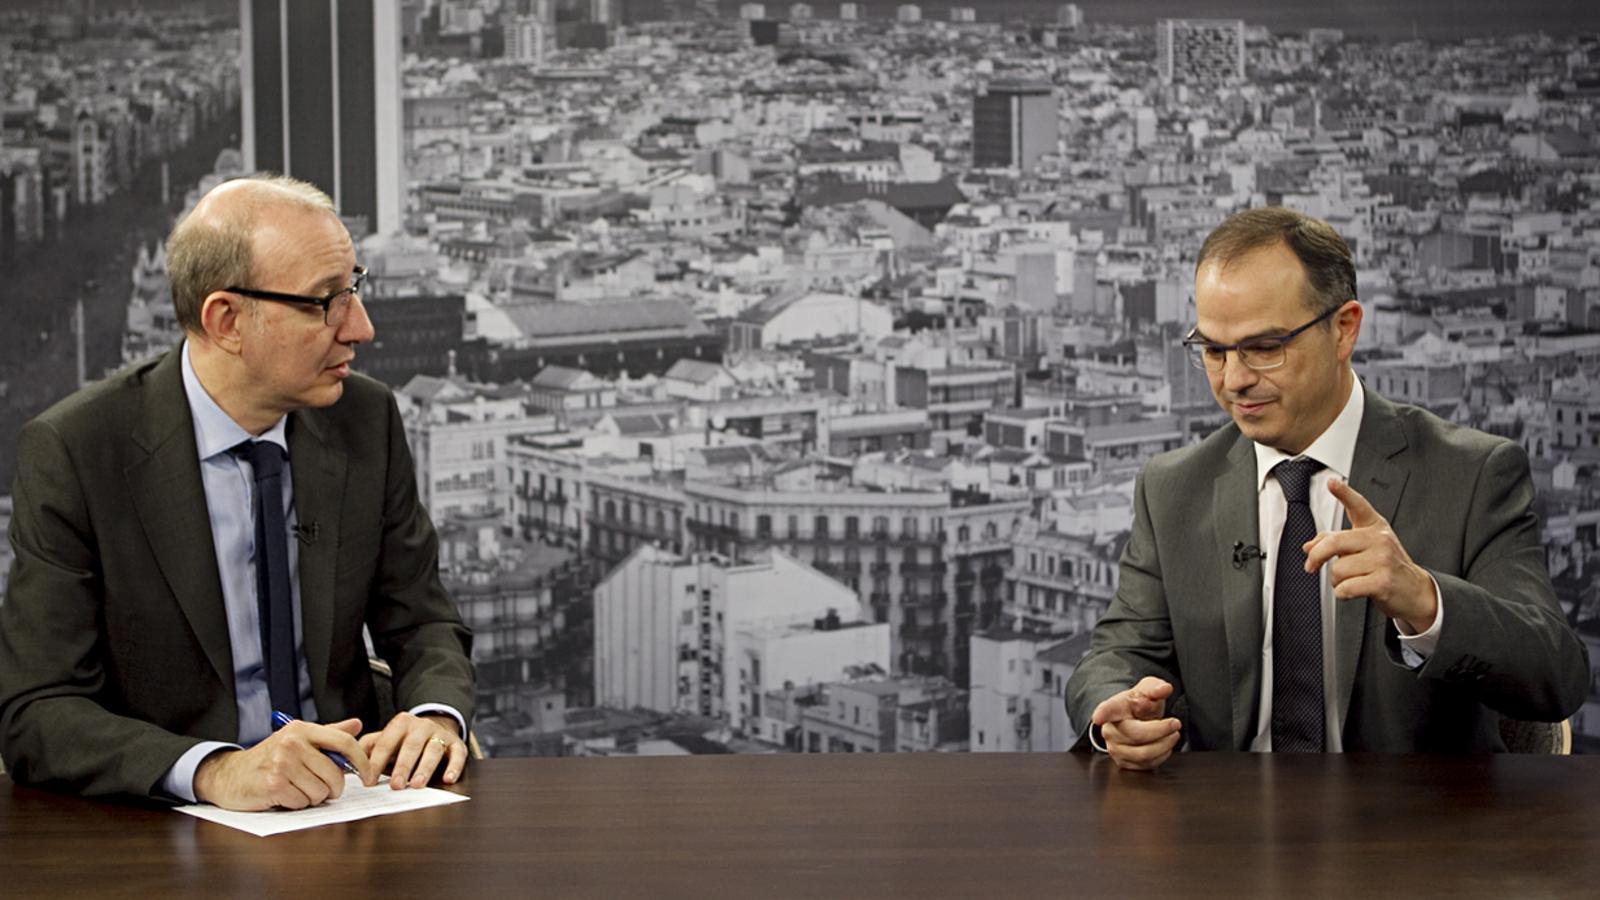 Entrevista d'Antoni Bassas a Jordi Turull: Les diferències són grans però no han de ser insalvables